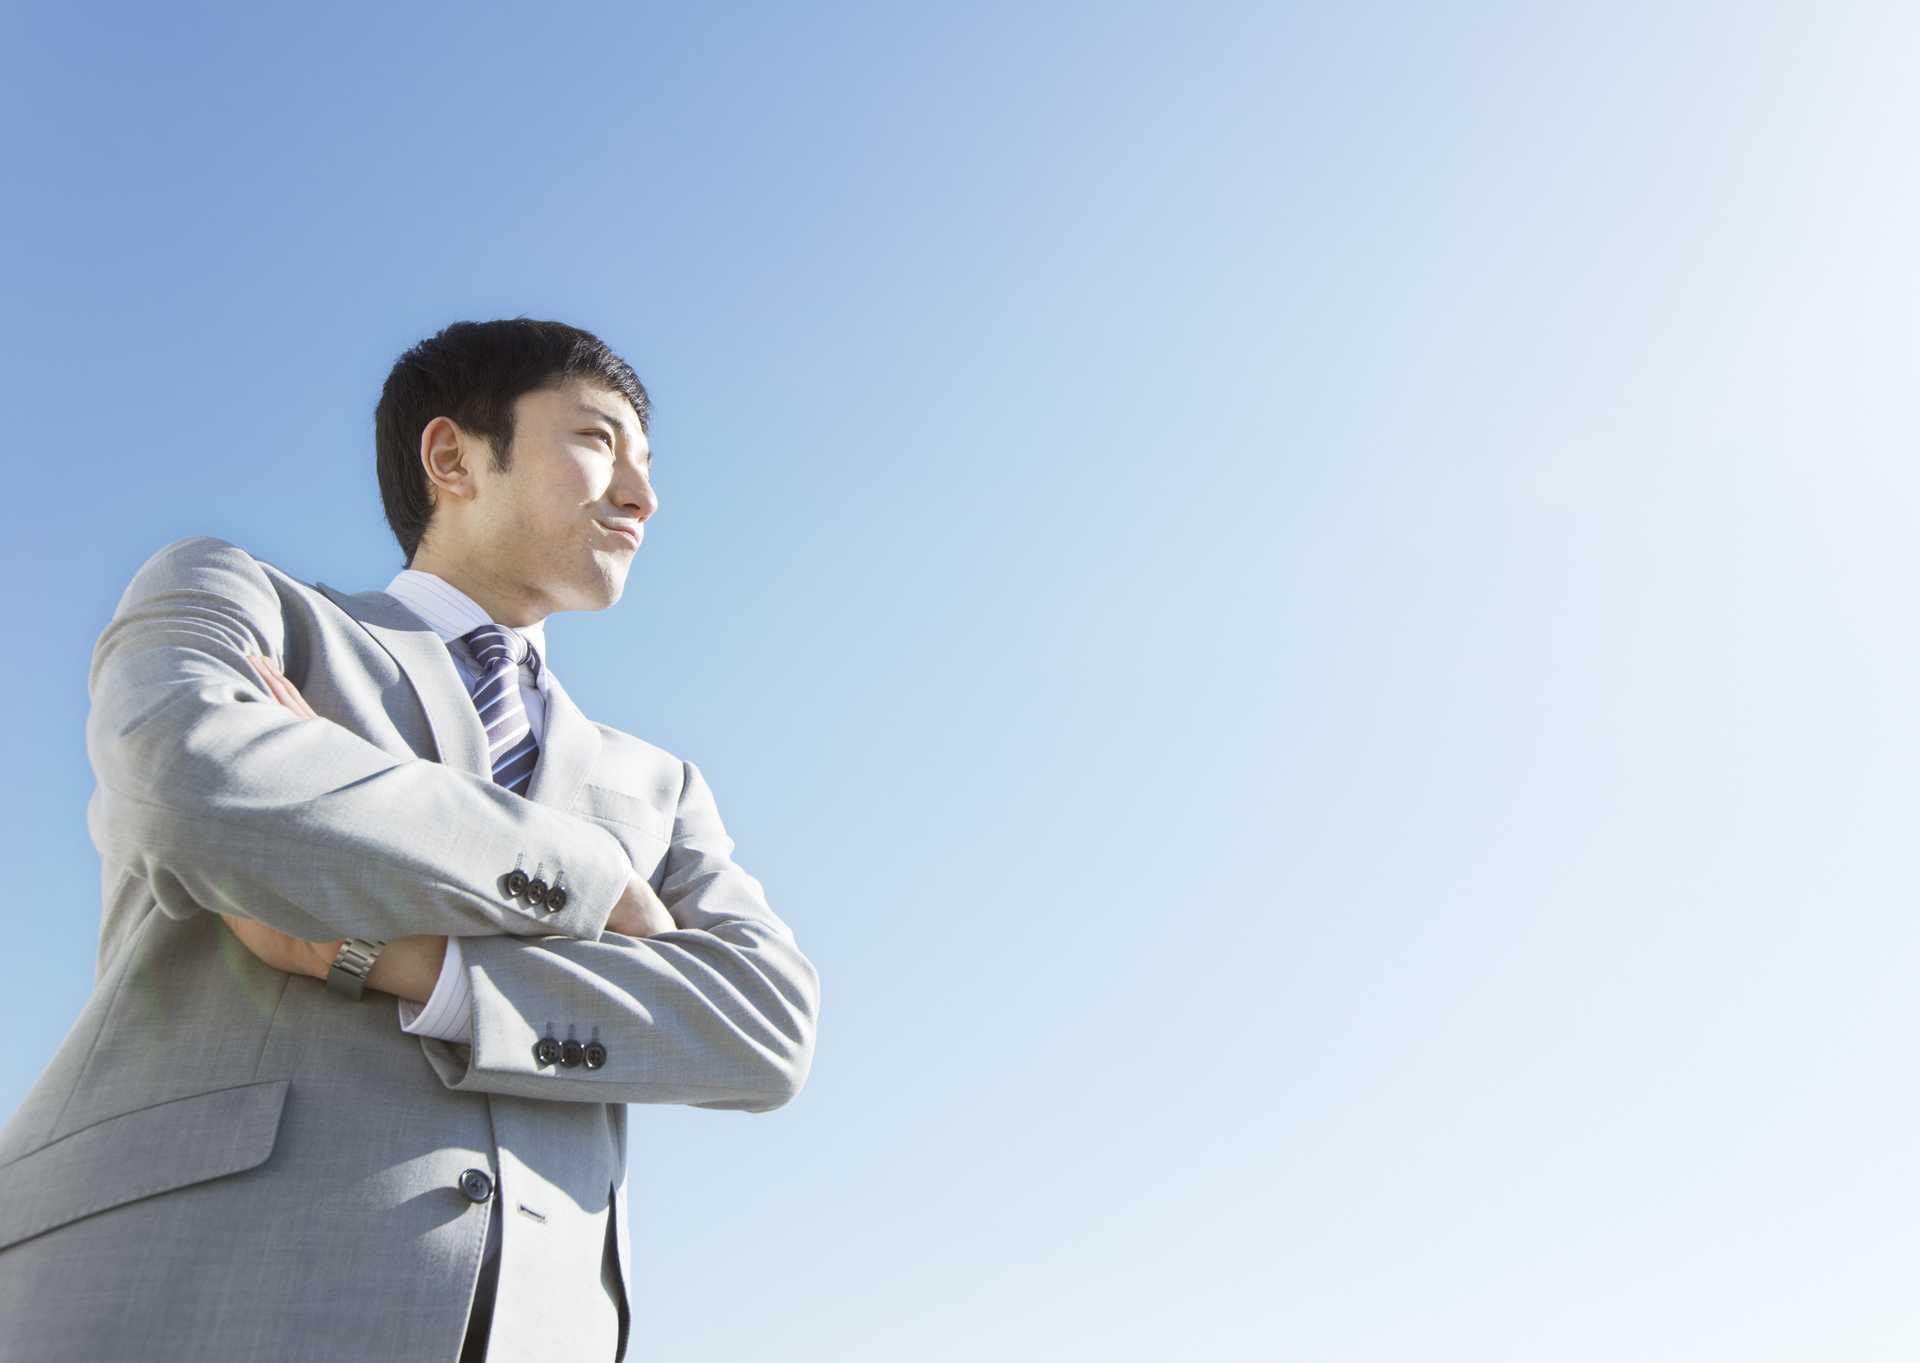 自分を信じるほど、潜在的な力が発揮される。 | 毎日を楽しく過ごす30の方法